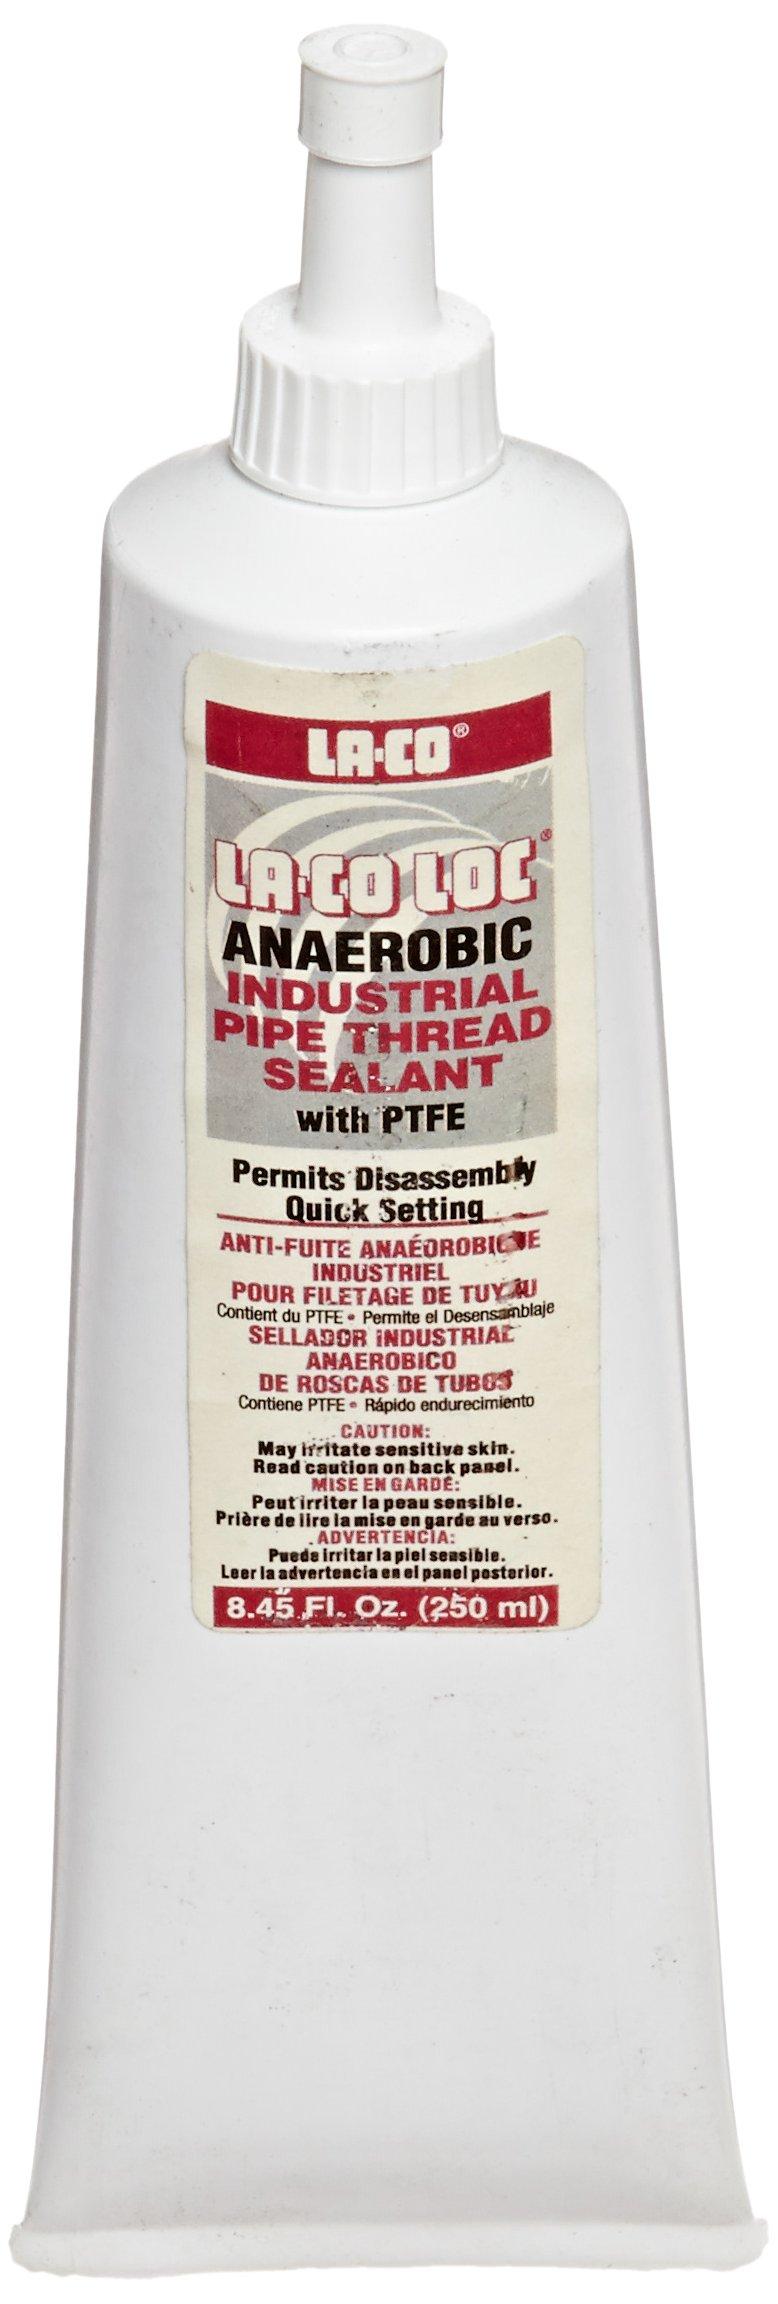 LA-CO Anaerobic Pipe Thread Sealant, -65 to 400 Degree F Temperature, 250 ml by La-Co